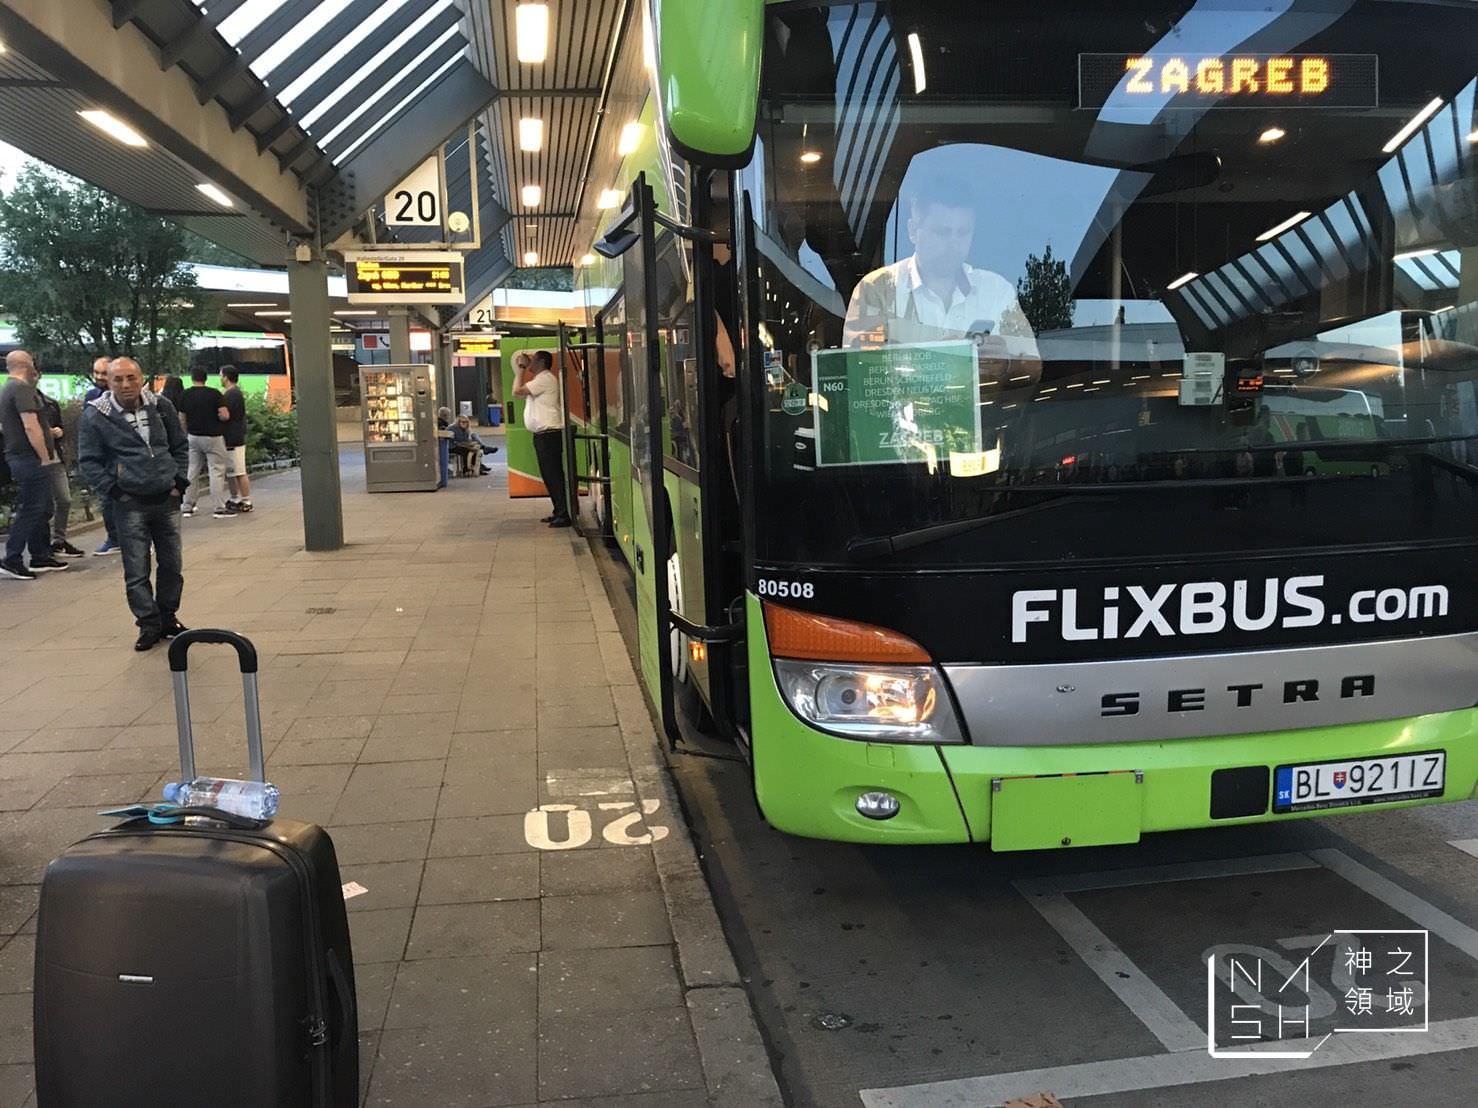 FLIXBUS,FLIXBUS評價,FLIXBUS訂票,FLIXBUS行李,FLIXBUS夜車 @Nash,神之領域